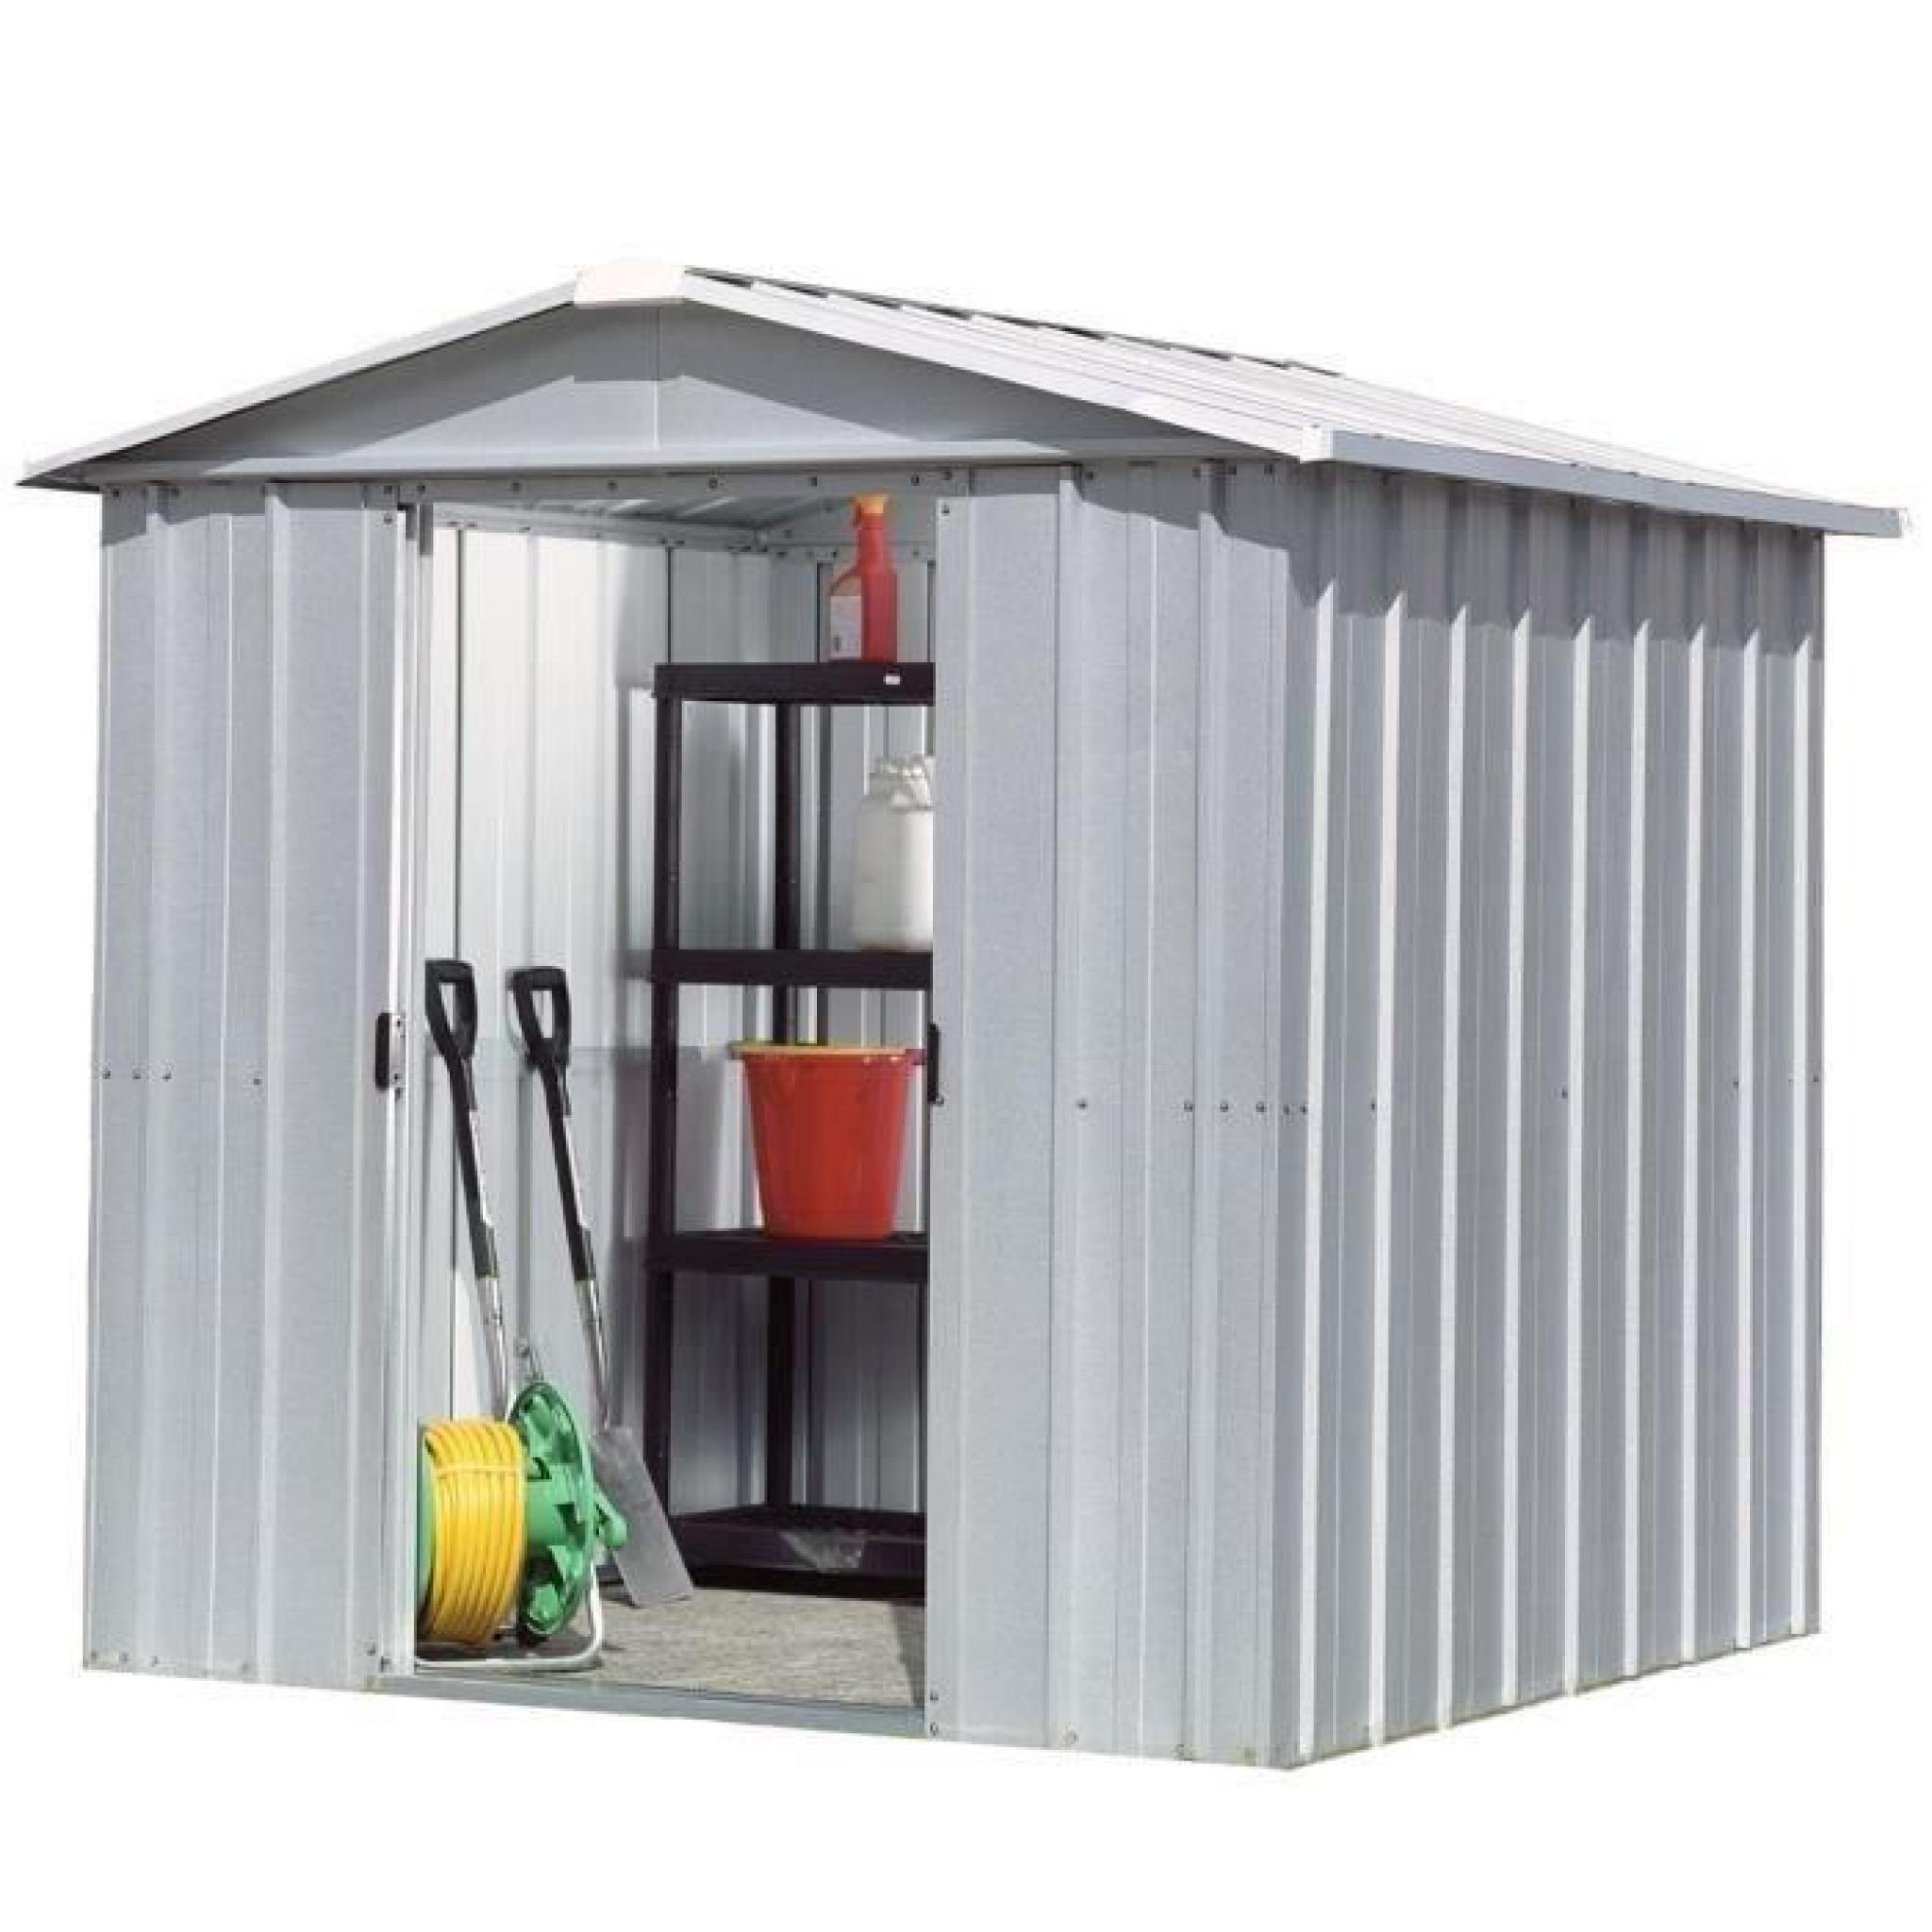 montage abris de jardin yardmaster meilleures id es pour la conception et l 39 ameublement du. Black Bedroom Furniture Sets. Home Design Ideas